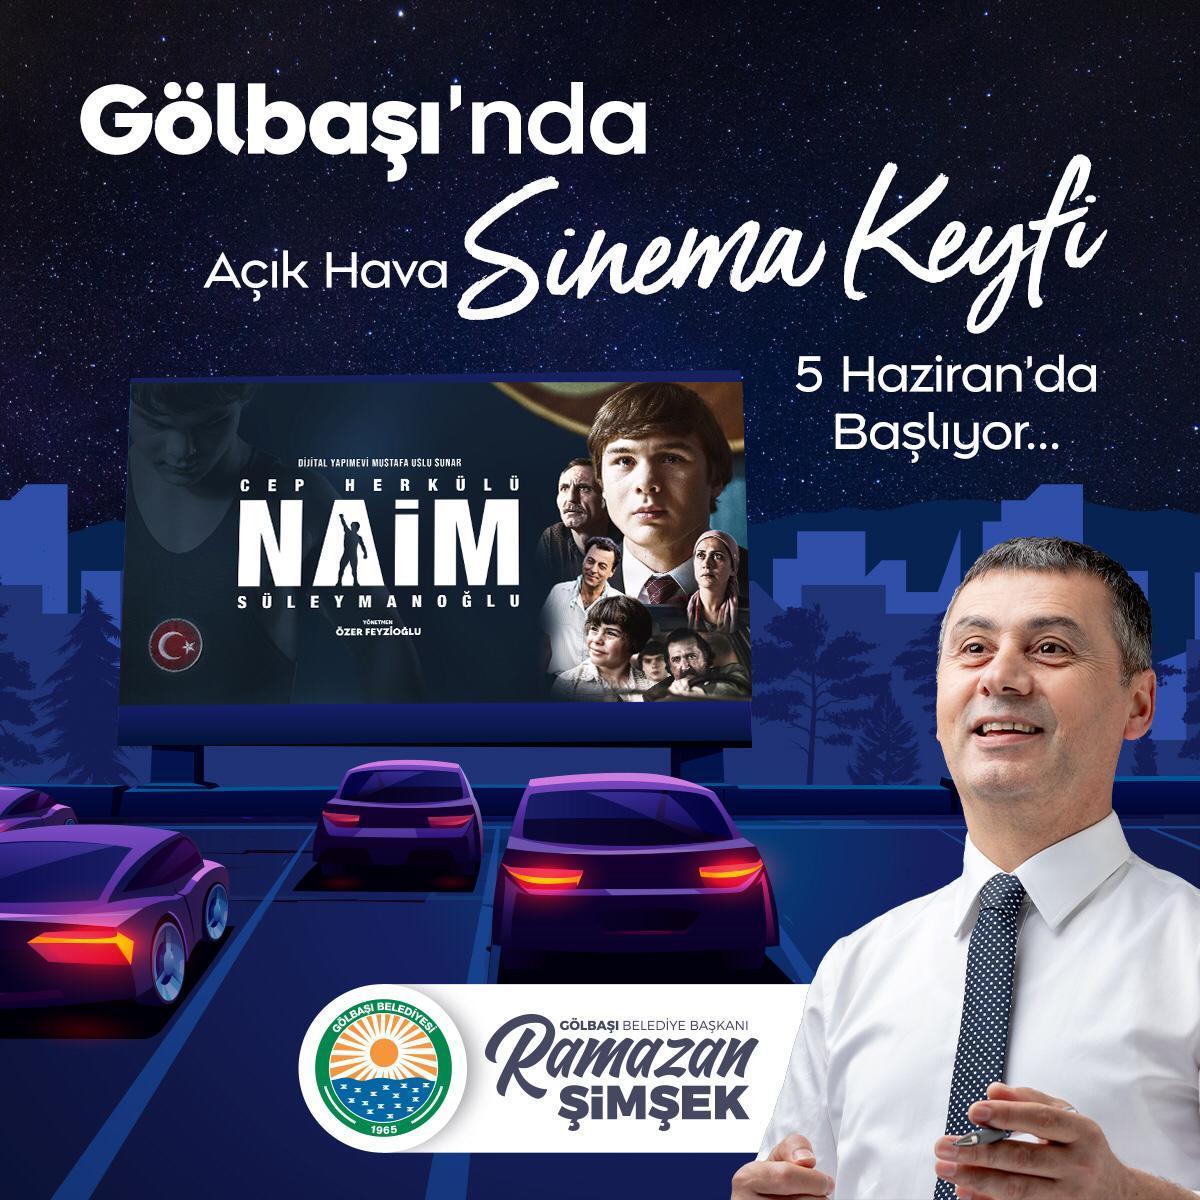 GÖLBAŞI'NDA SİNEMA KEYFİ BAŞLIYOR